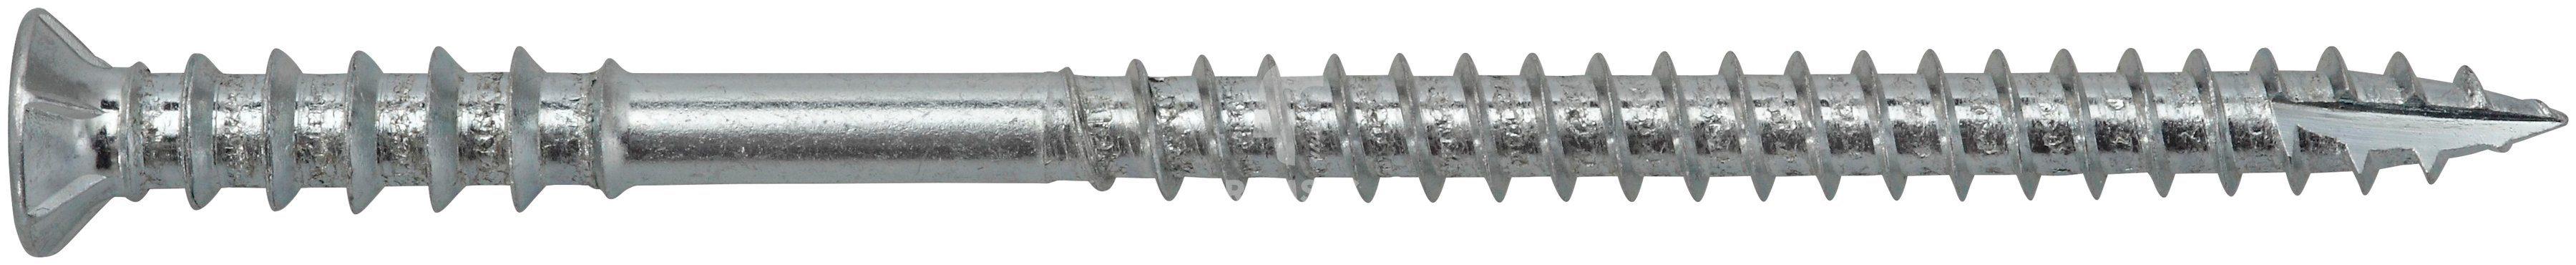 RAMSES Schrauben , Justierschraube Holz/Holz 6 x 80 mm 50 Stk.